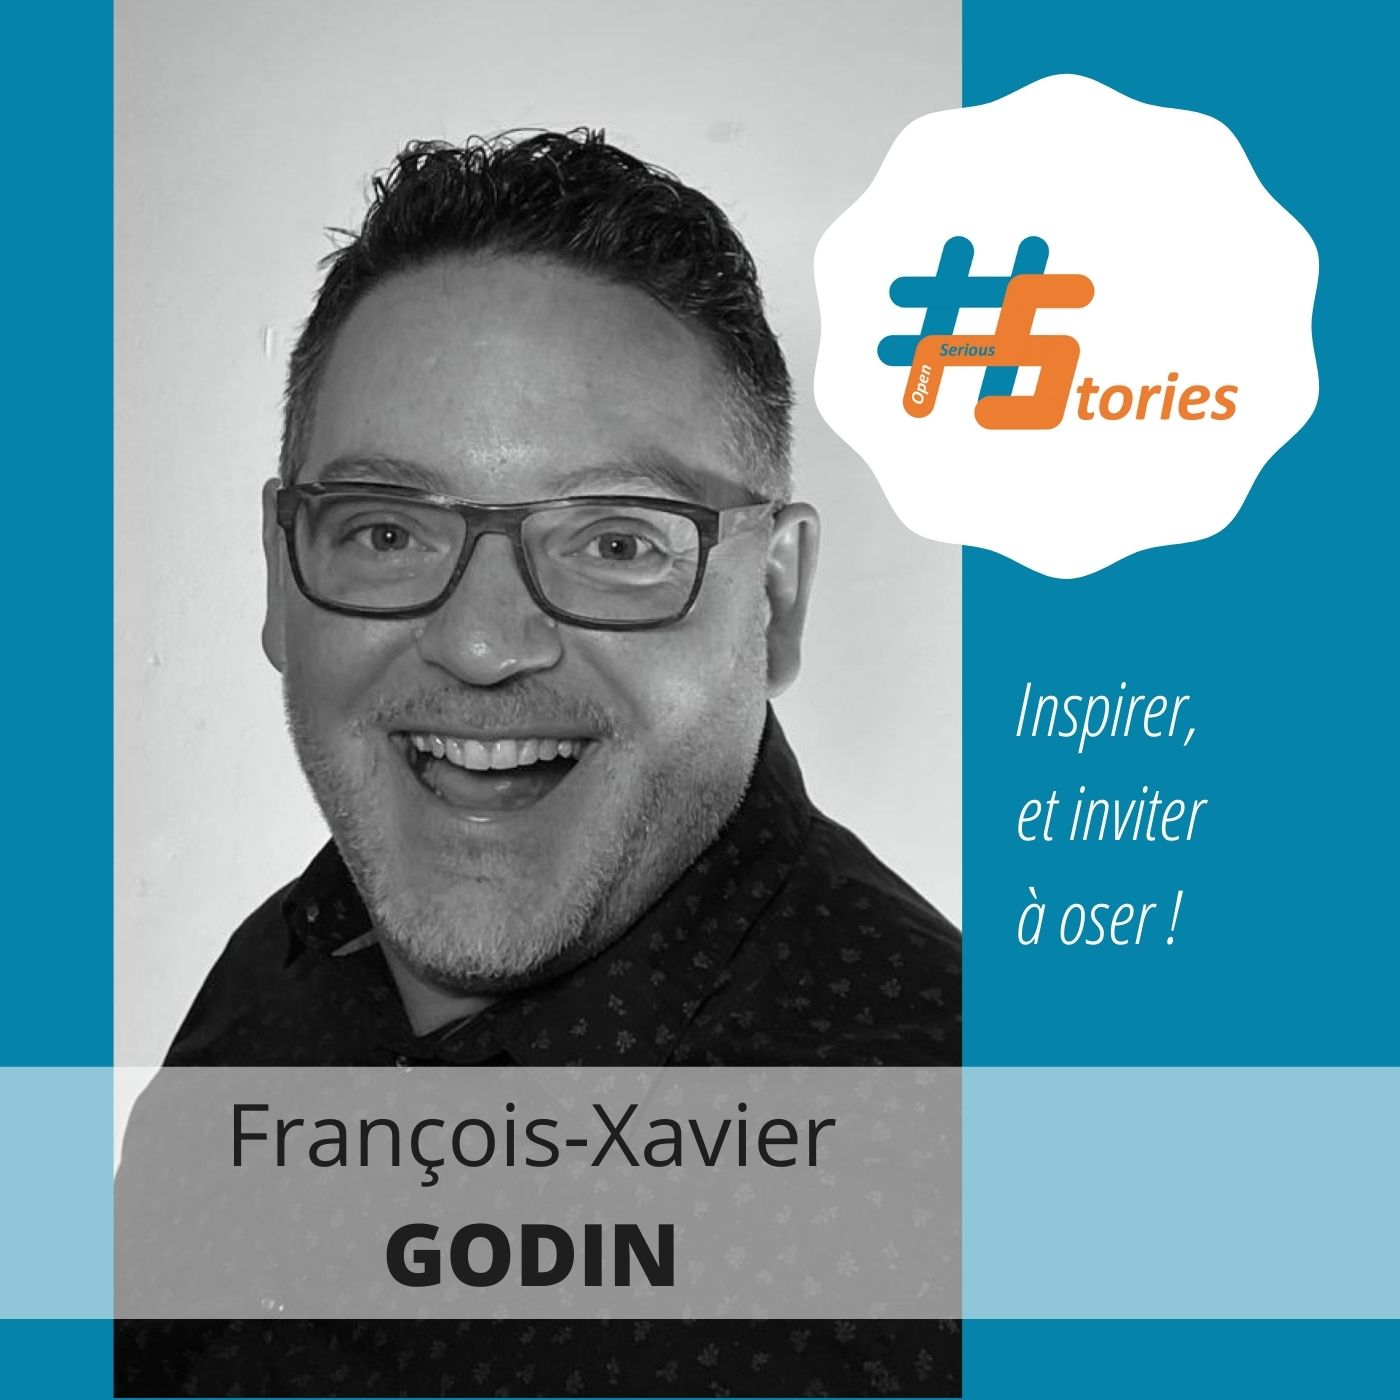 Le retour d'expérience d'un créateur : François-Xavier Godin [Podcast – 25min]